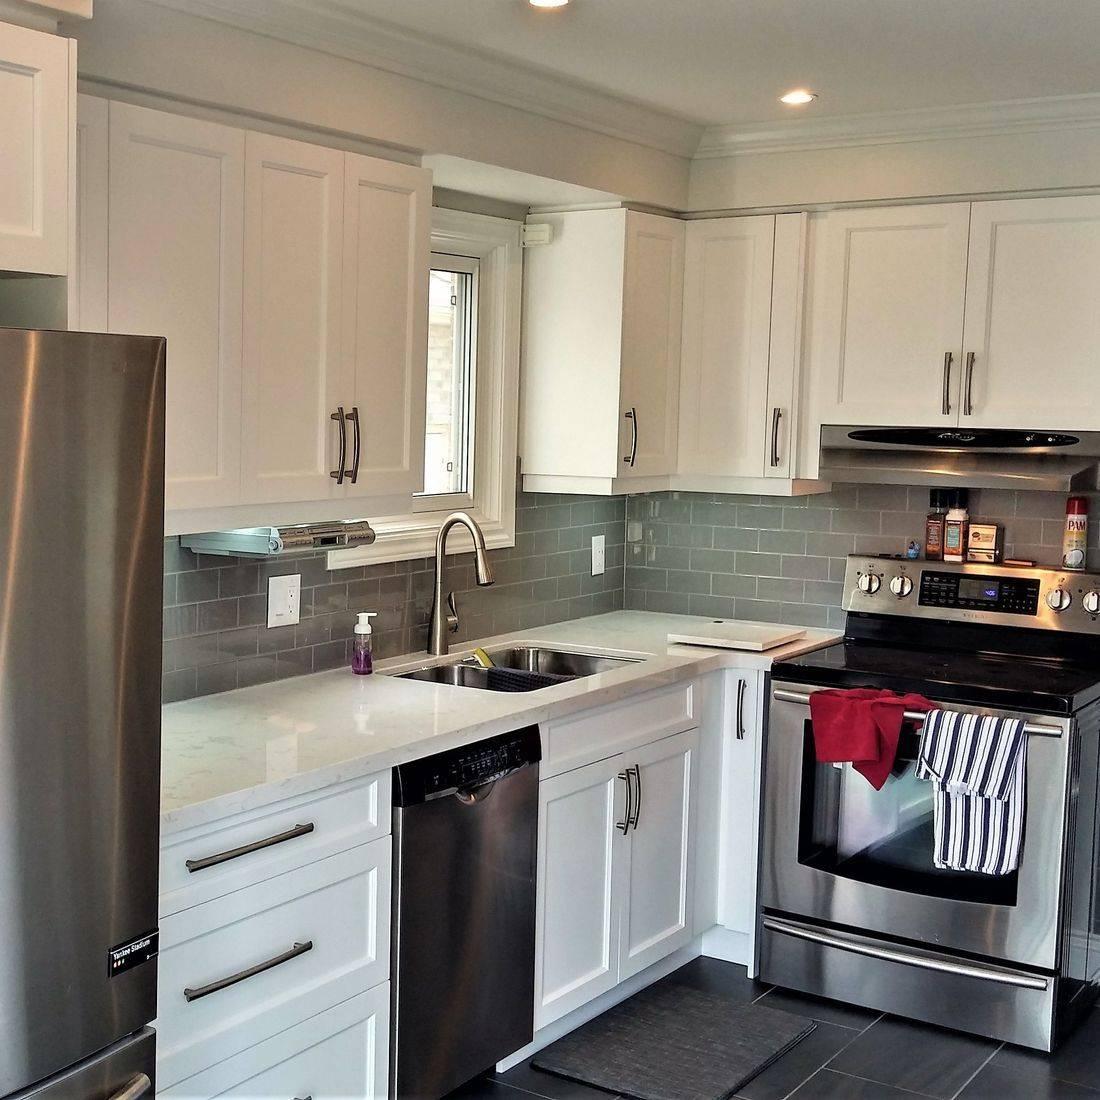 Sibra Kitchens Markham Toronto white thermofoil shaker cabinets